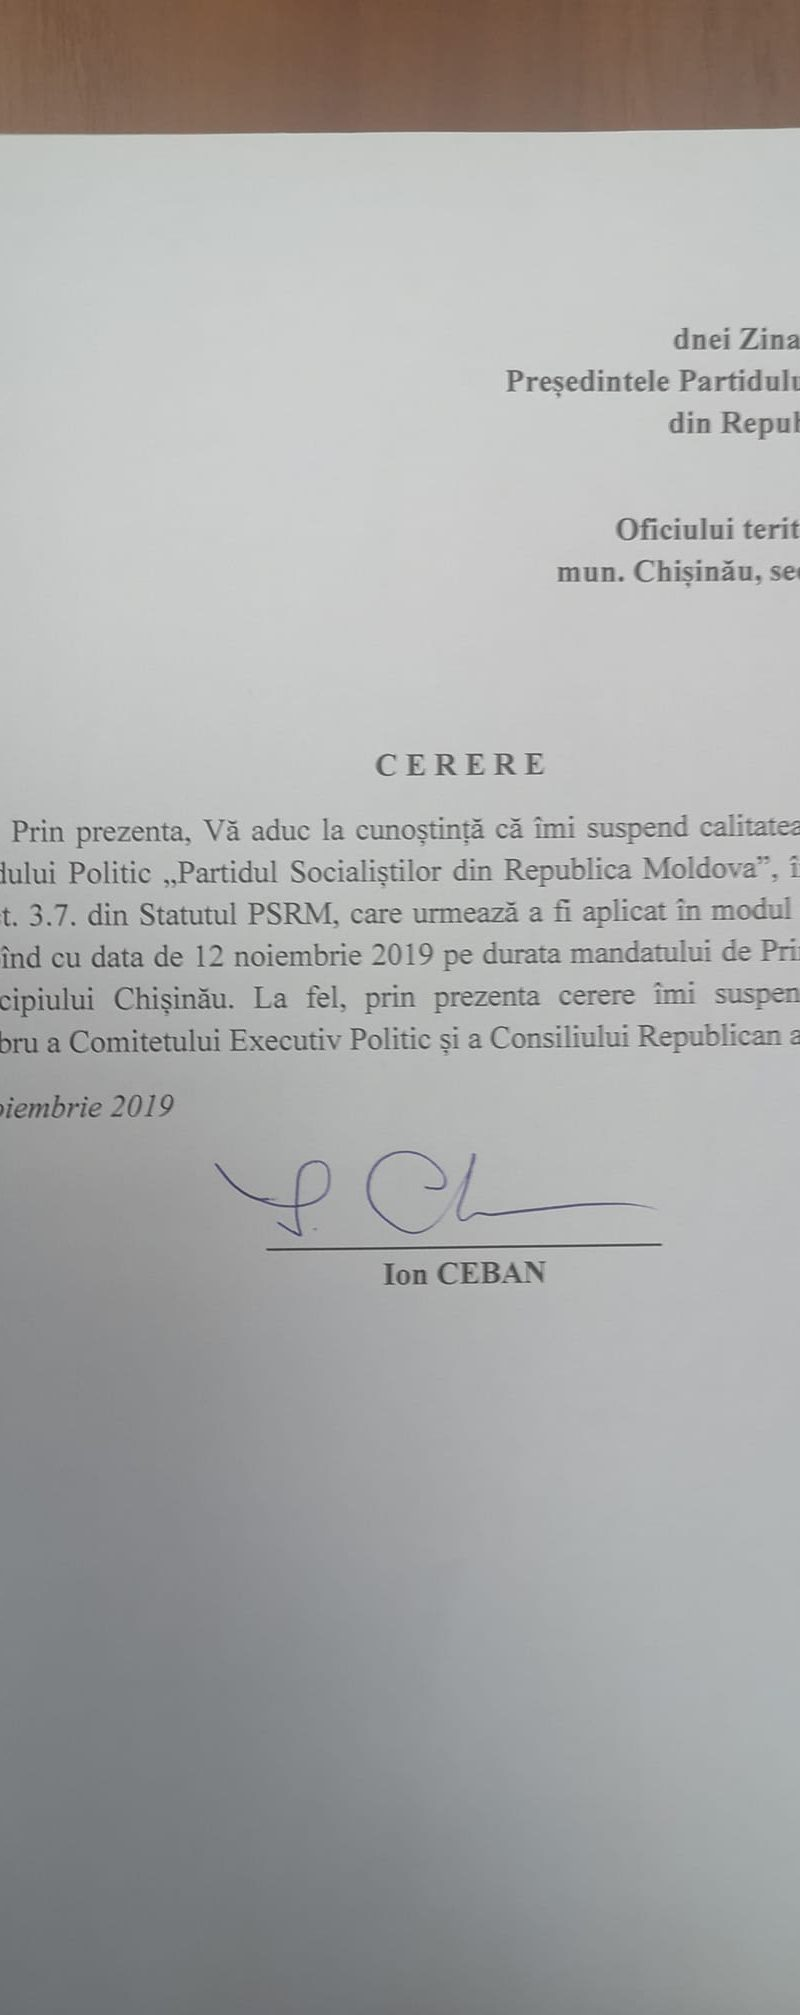 Сказано – сделано! Чебан, как и обещал, приостановил членство в ПСРМ